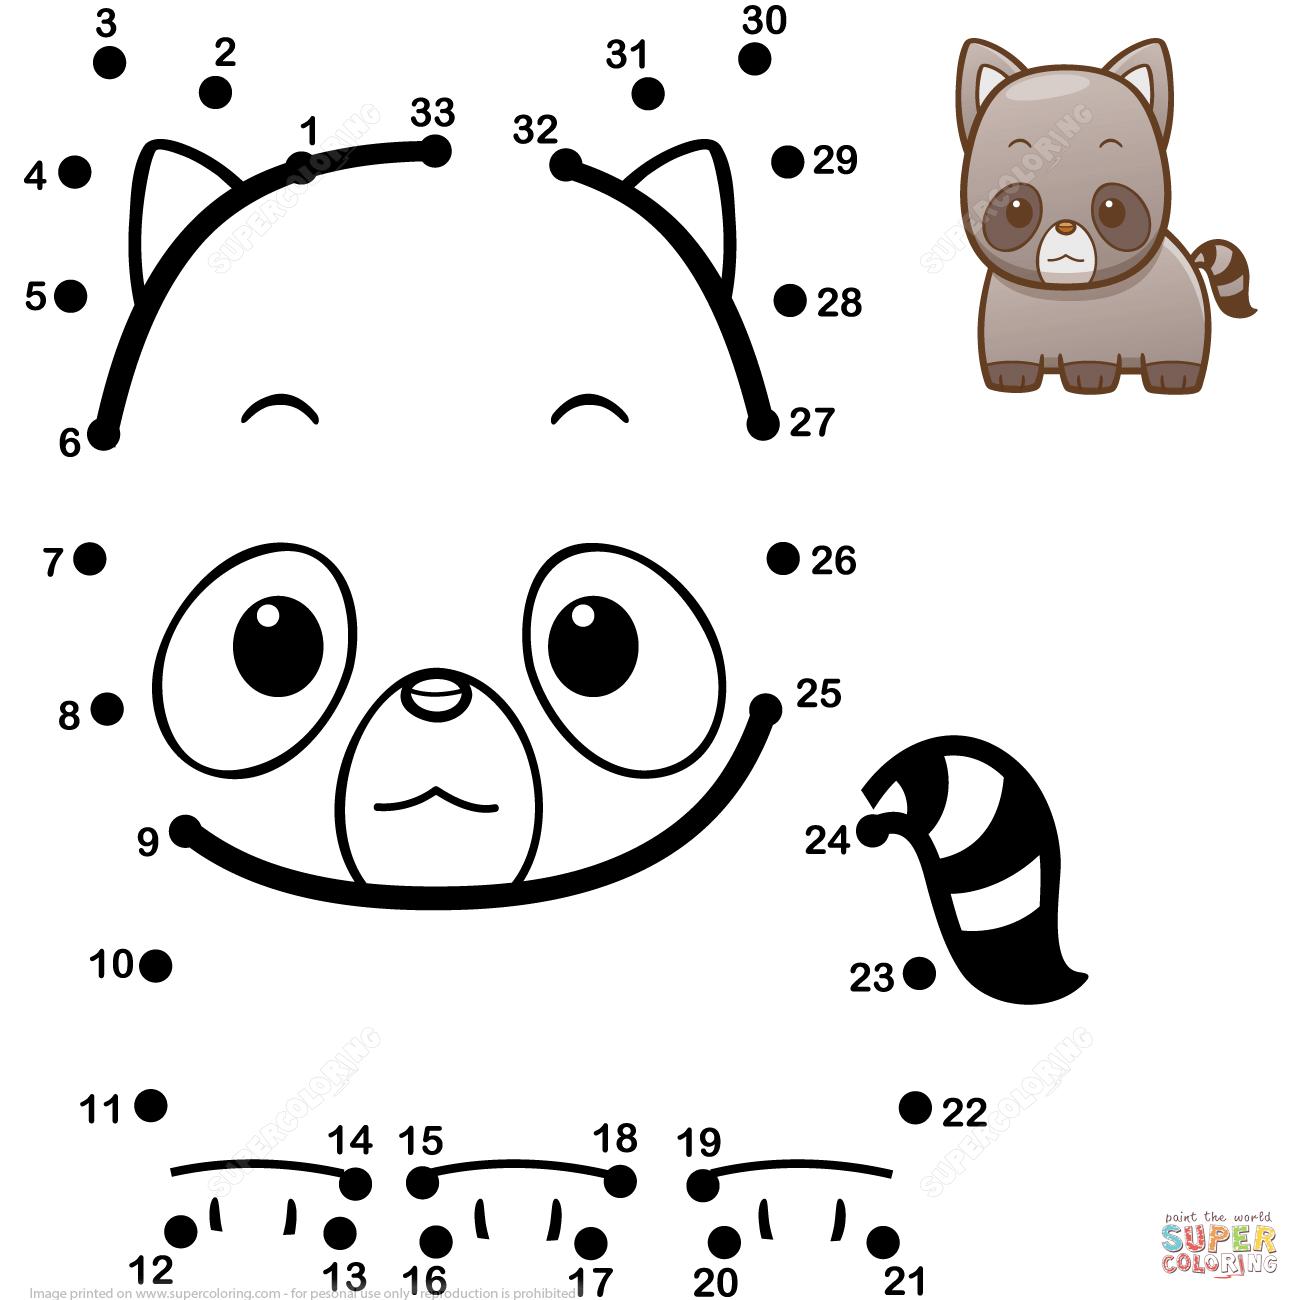 Cute Baby Raccoon Dot To Dot